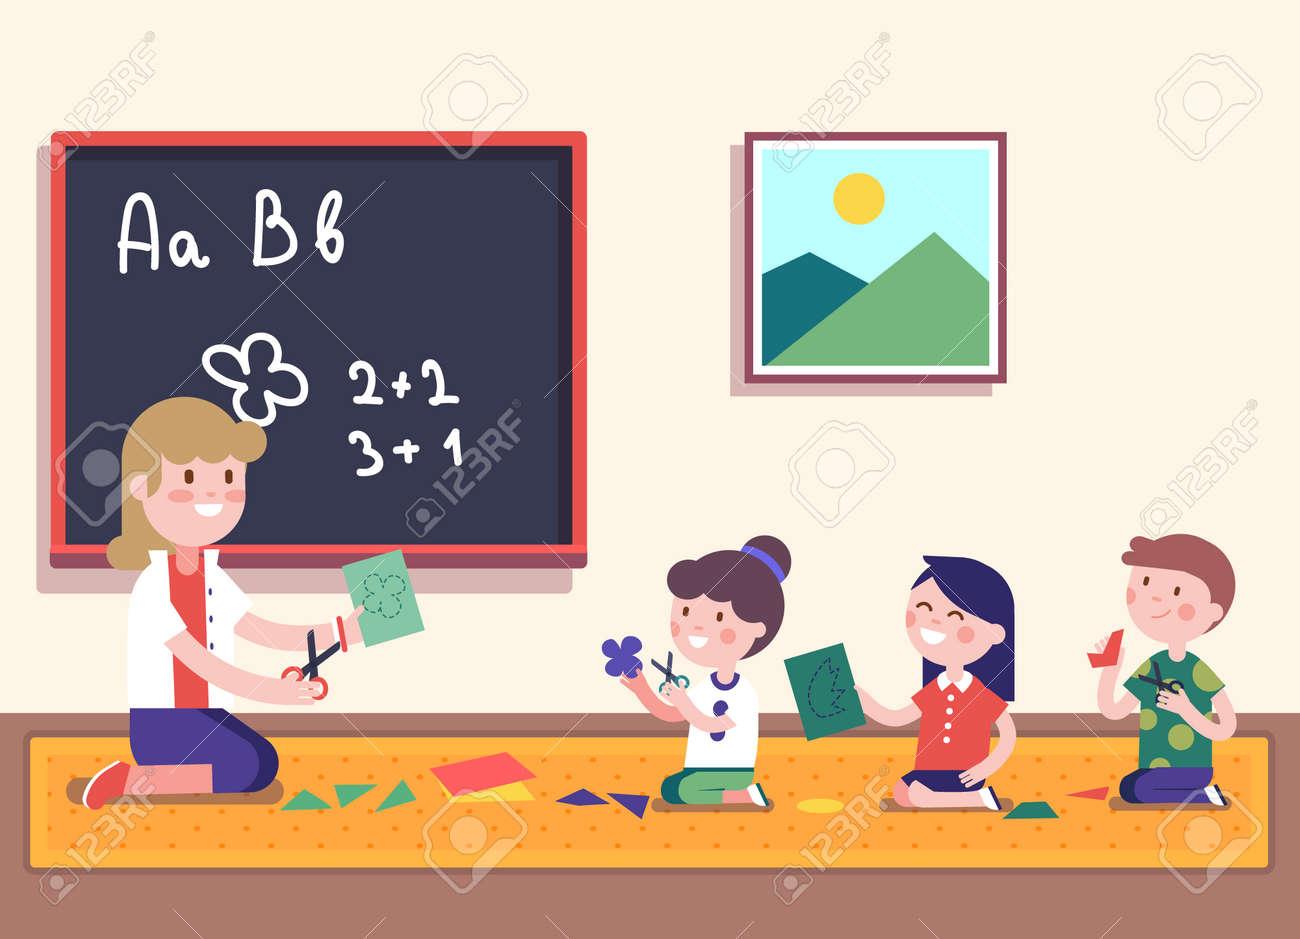 kindergarten teacher teaching math to her small pupils. kids